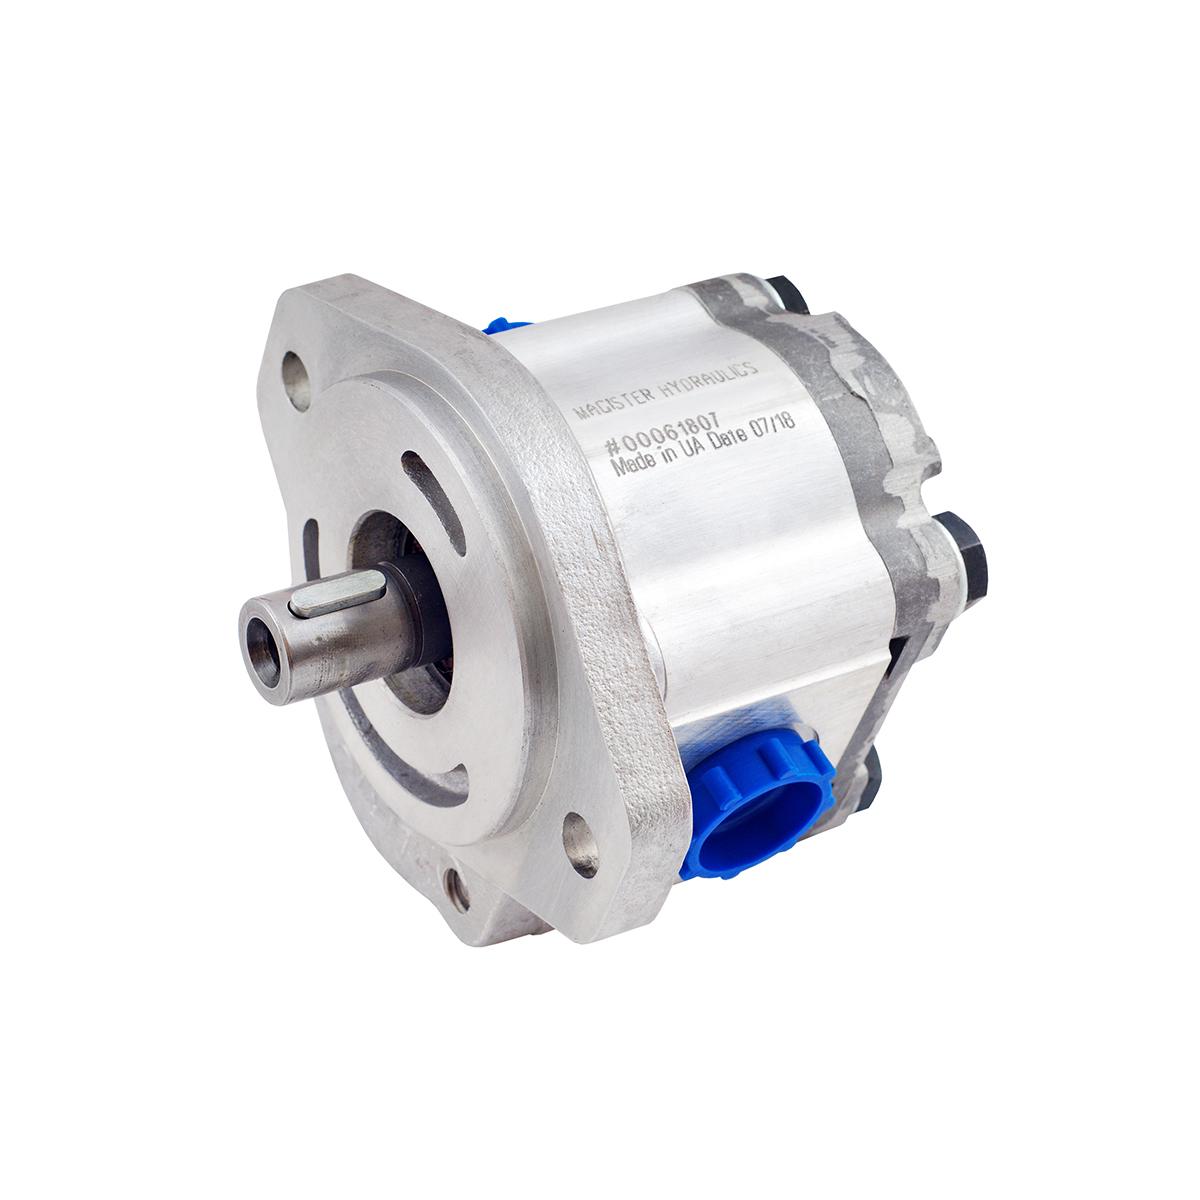 1.37 CID hydraulic gear pump, 3/4 keyed shaft clockwise gear pump | Magister Hydraulics